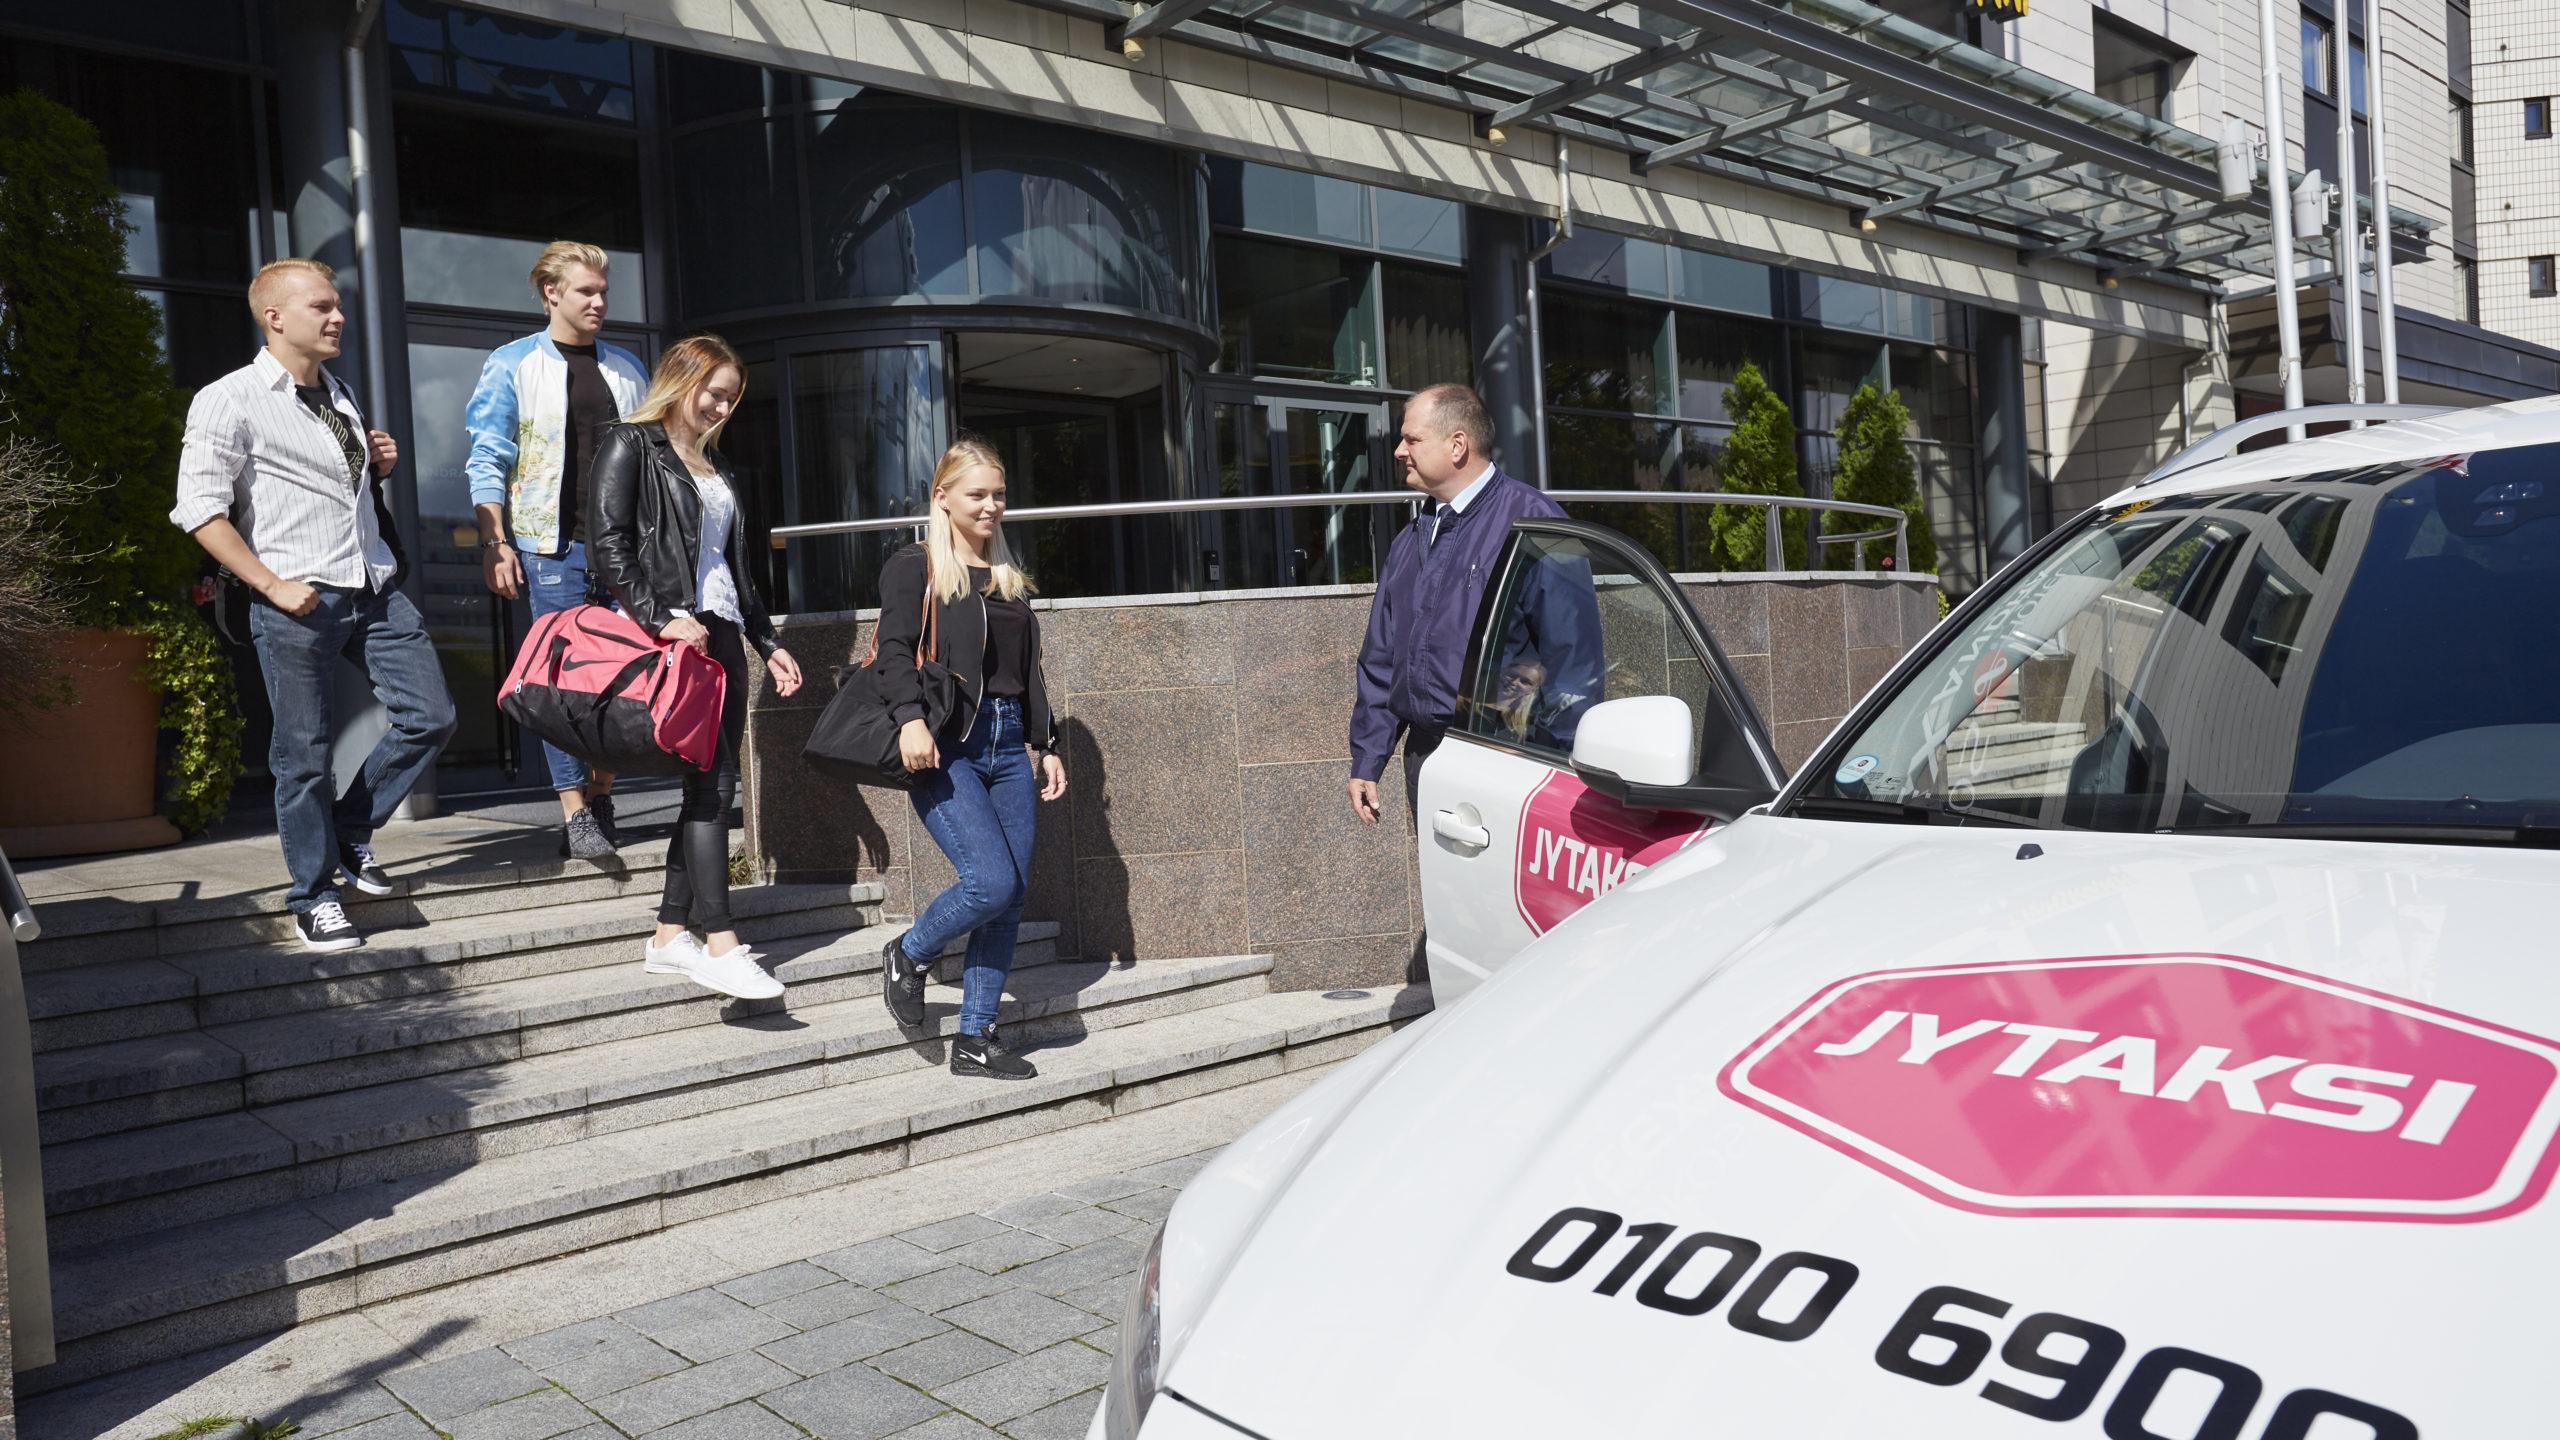 Jytaksi asiakkaat taksinkuljettaja